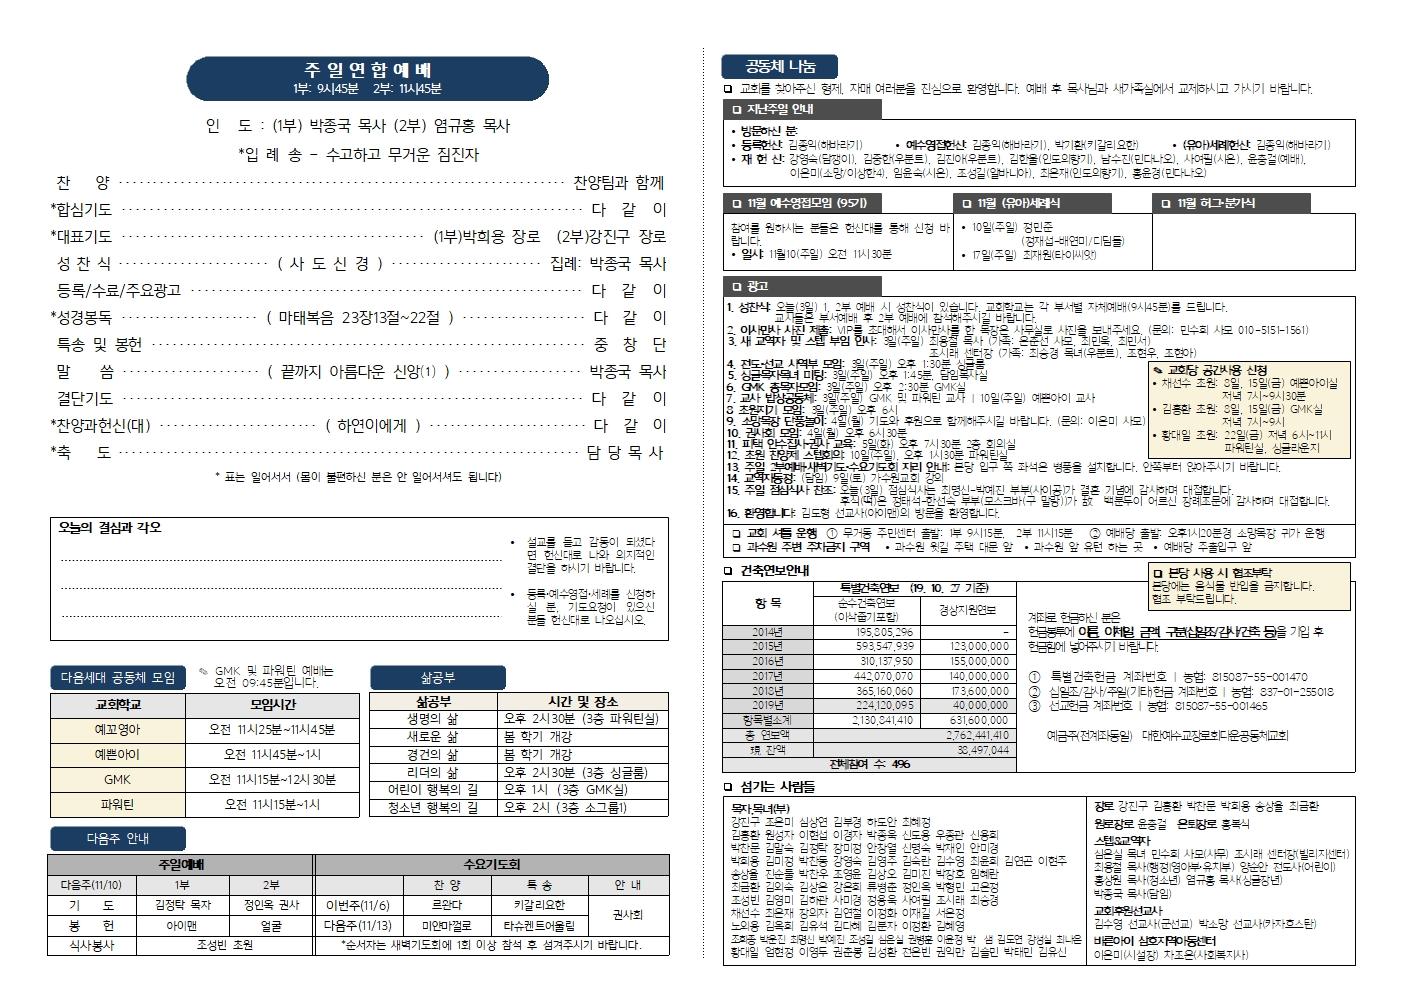 001_구영리교회주보_2019_11-12월002.jpg